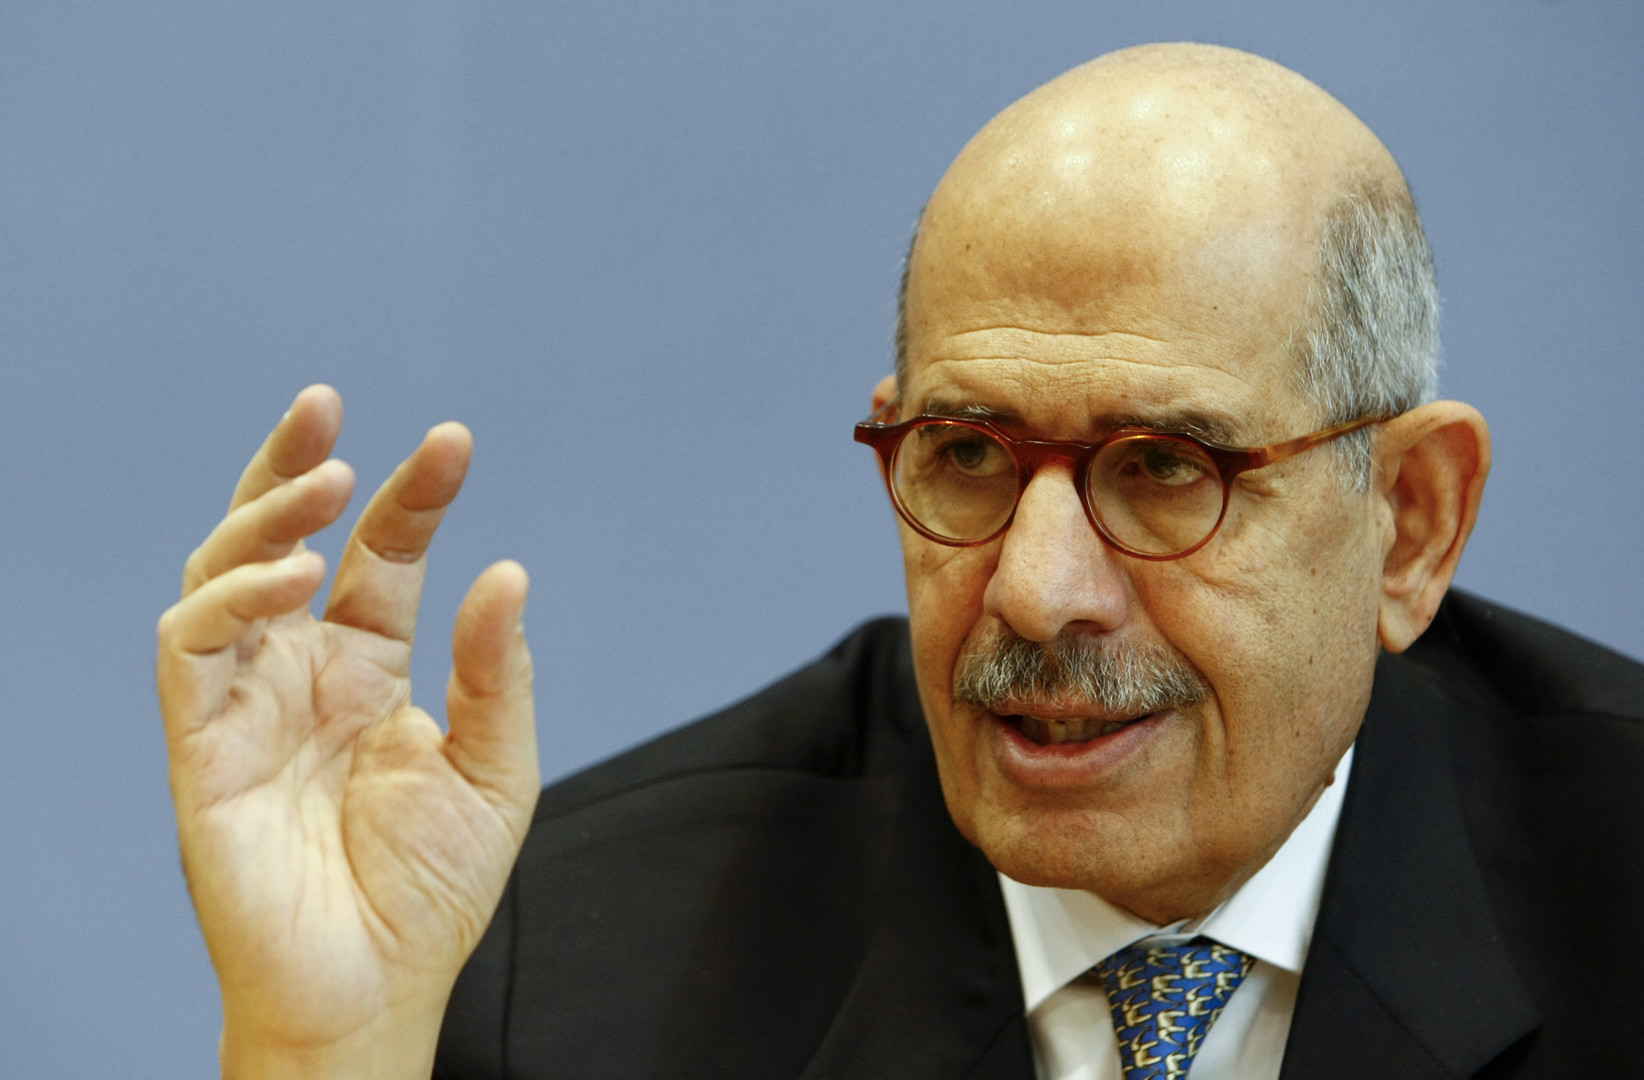 البرادعي يدعو السيسي للاقتداء برئيس موريتانيا في رفض تعديل الدستور